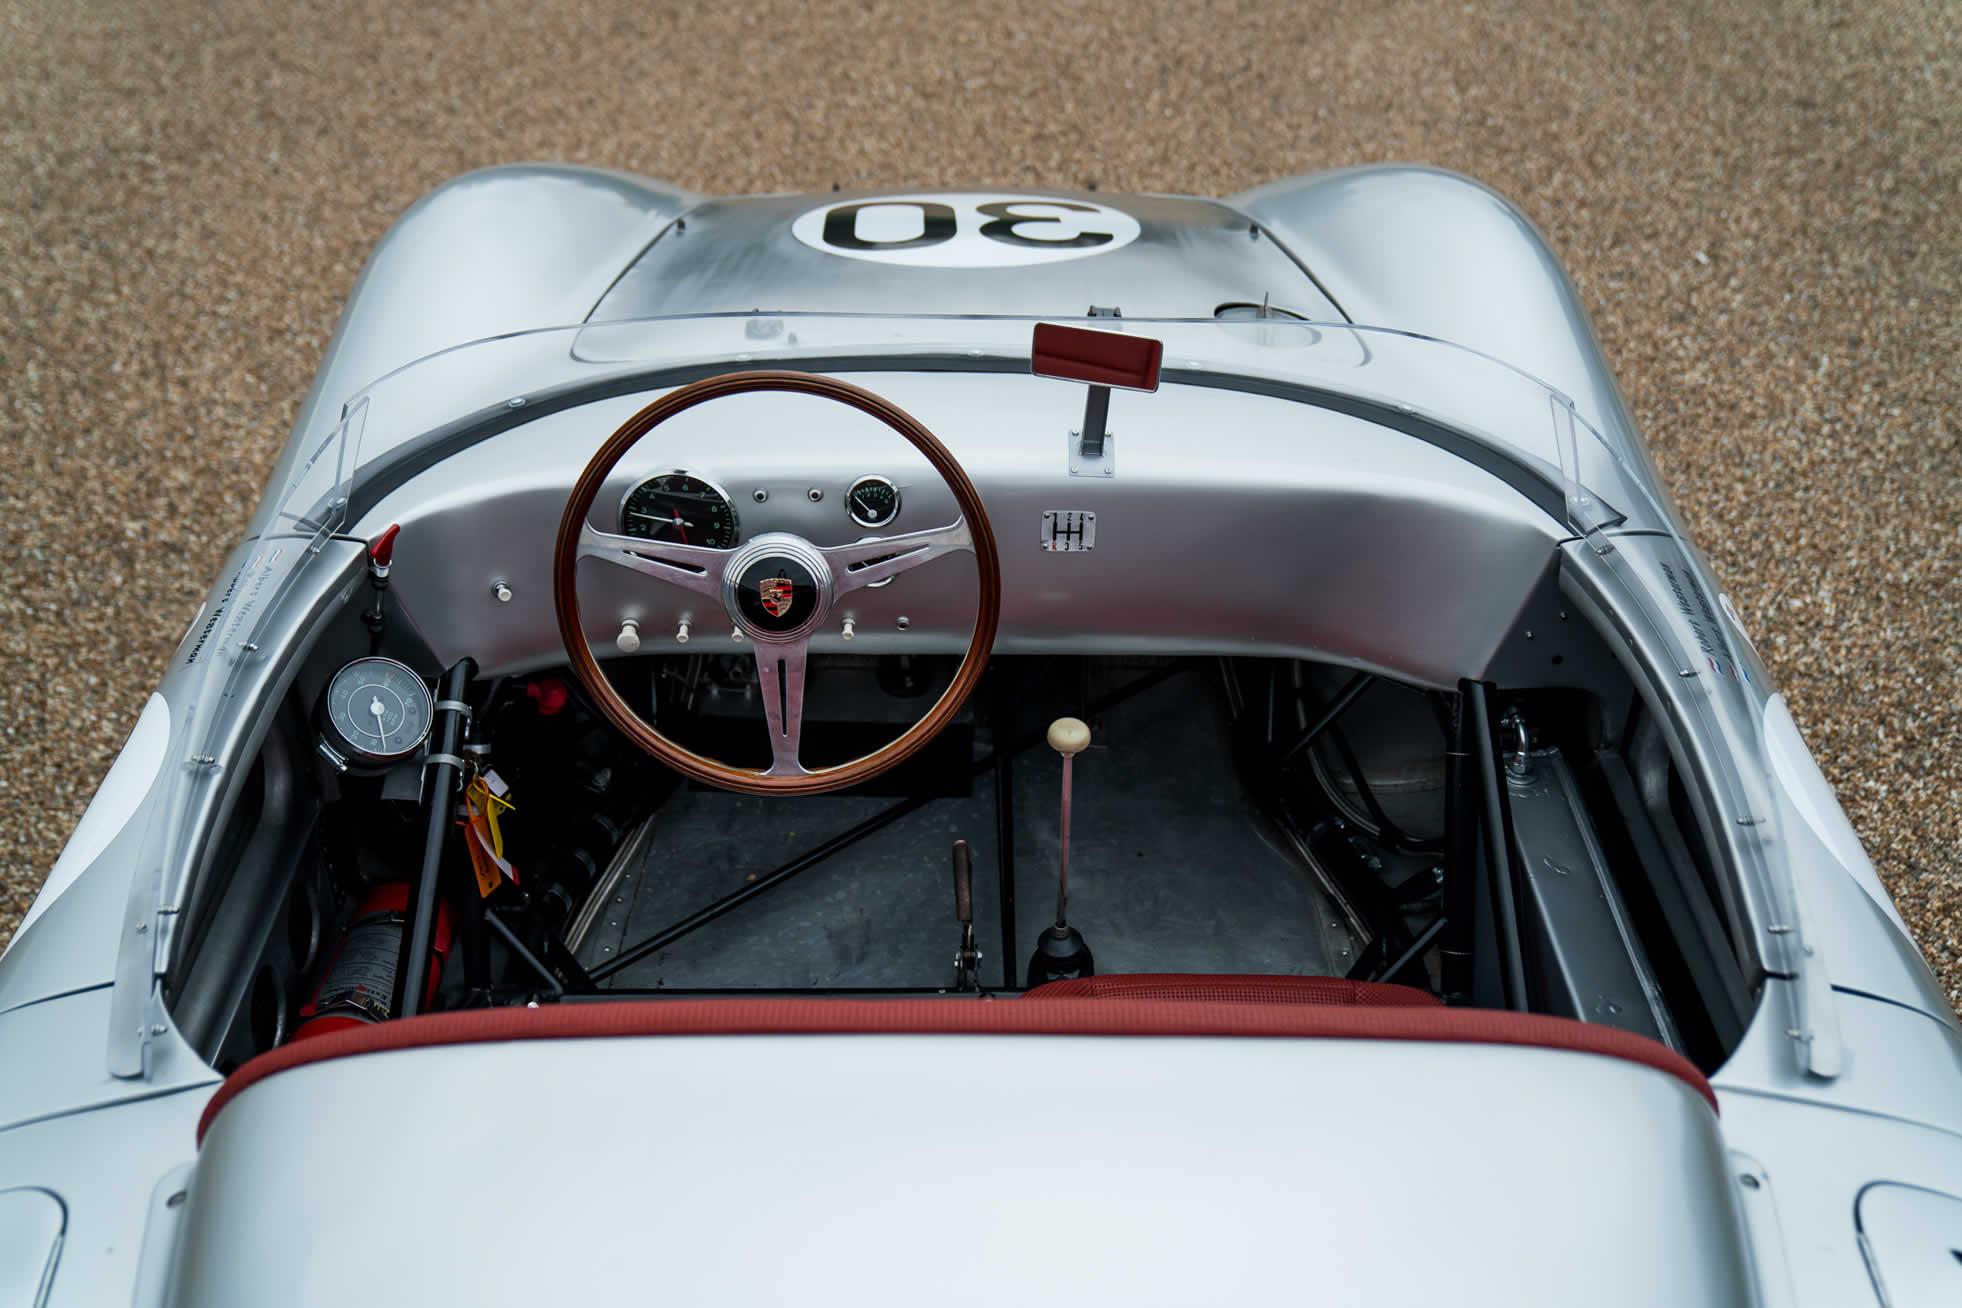 For sale, 1958 Porsche 718 RSK